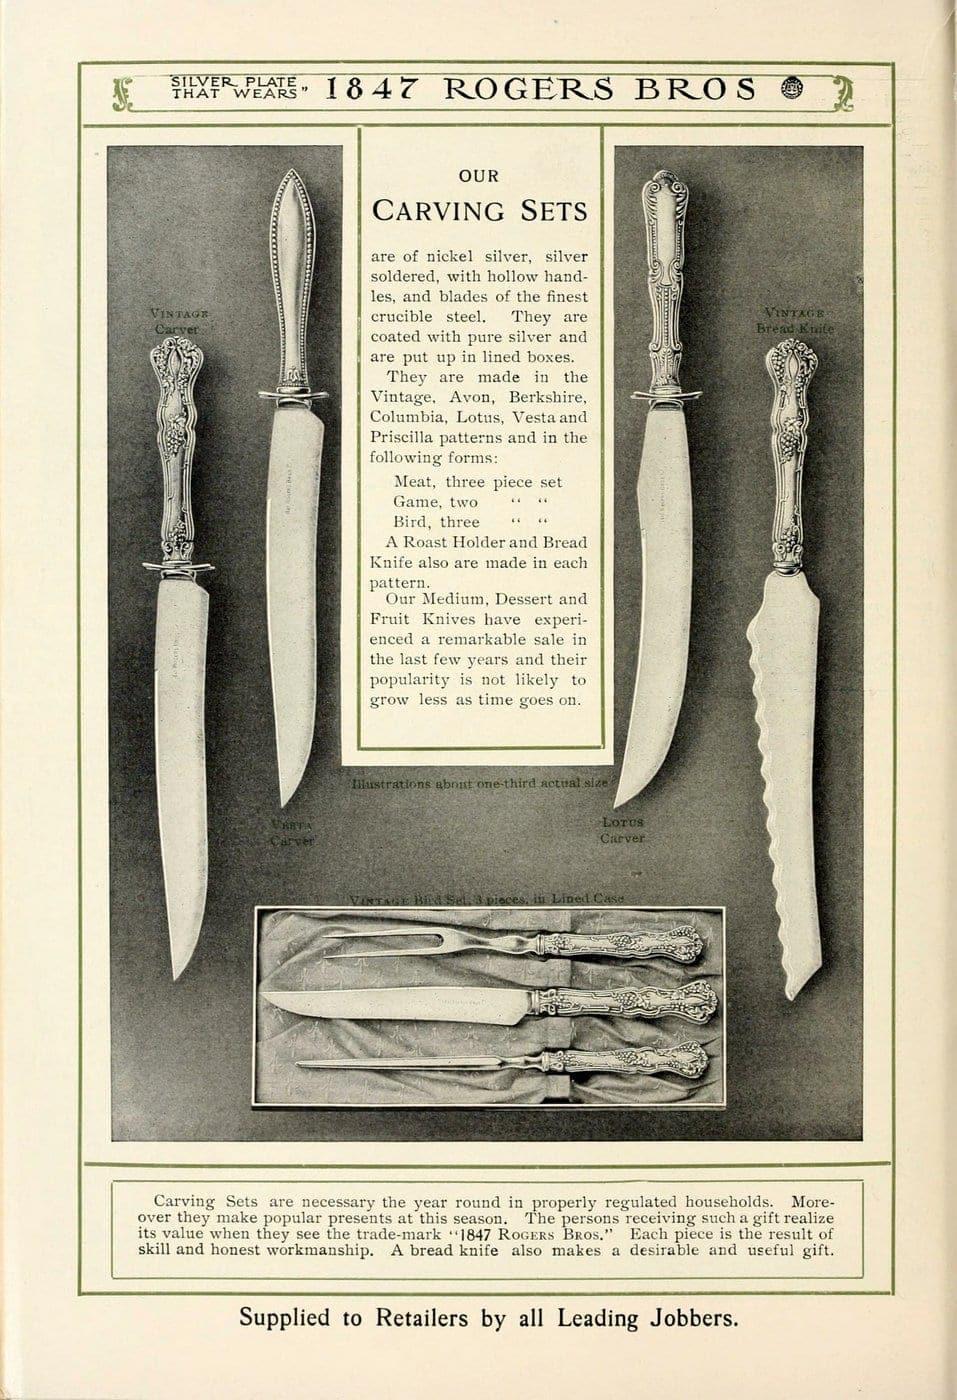 1847 Rogers Bros silver pieces (24)